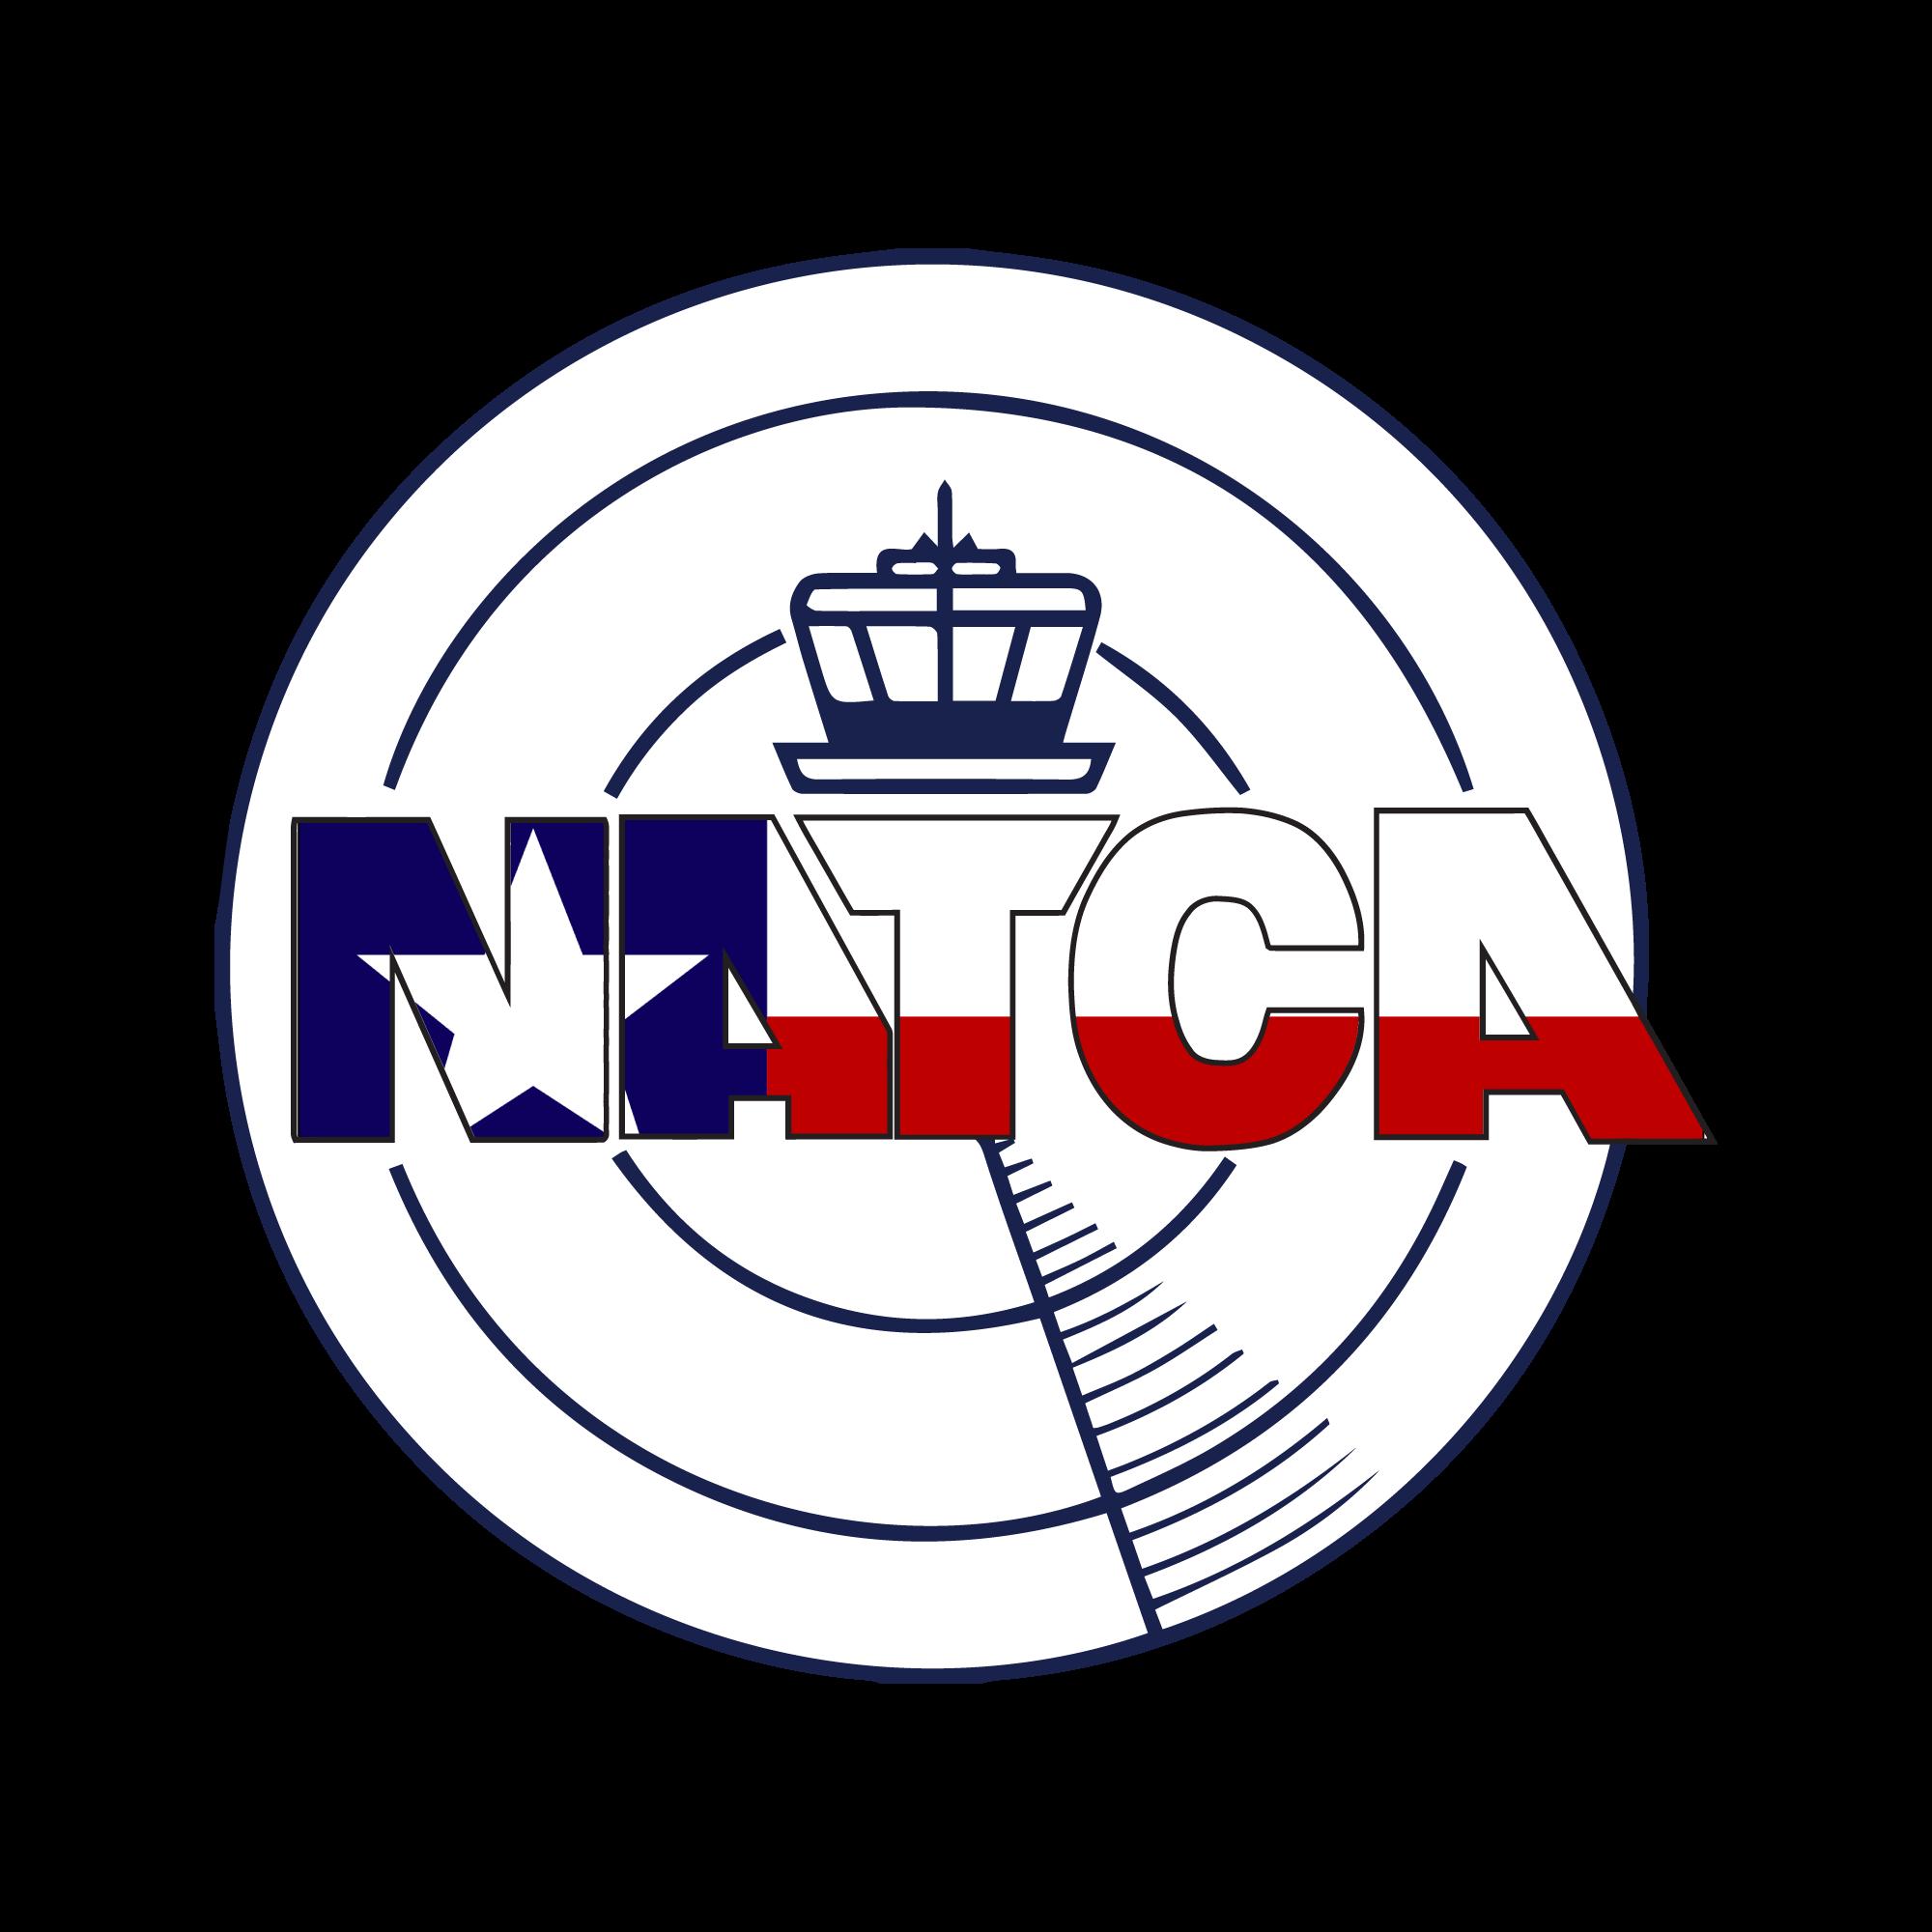 NatcaTX 4